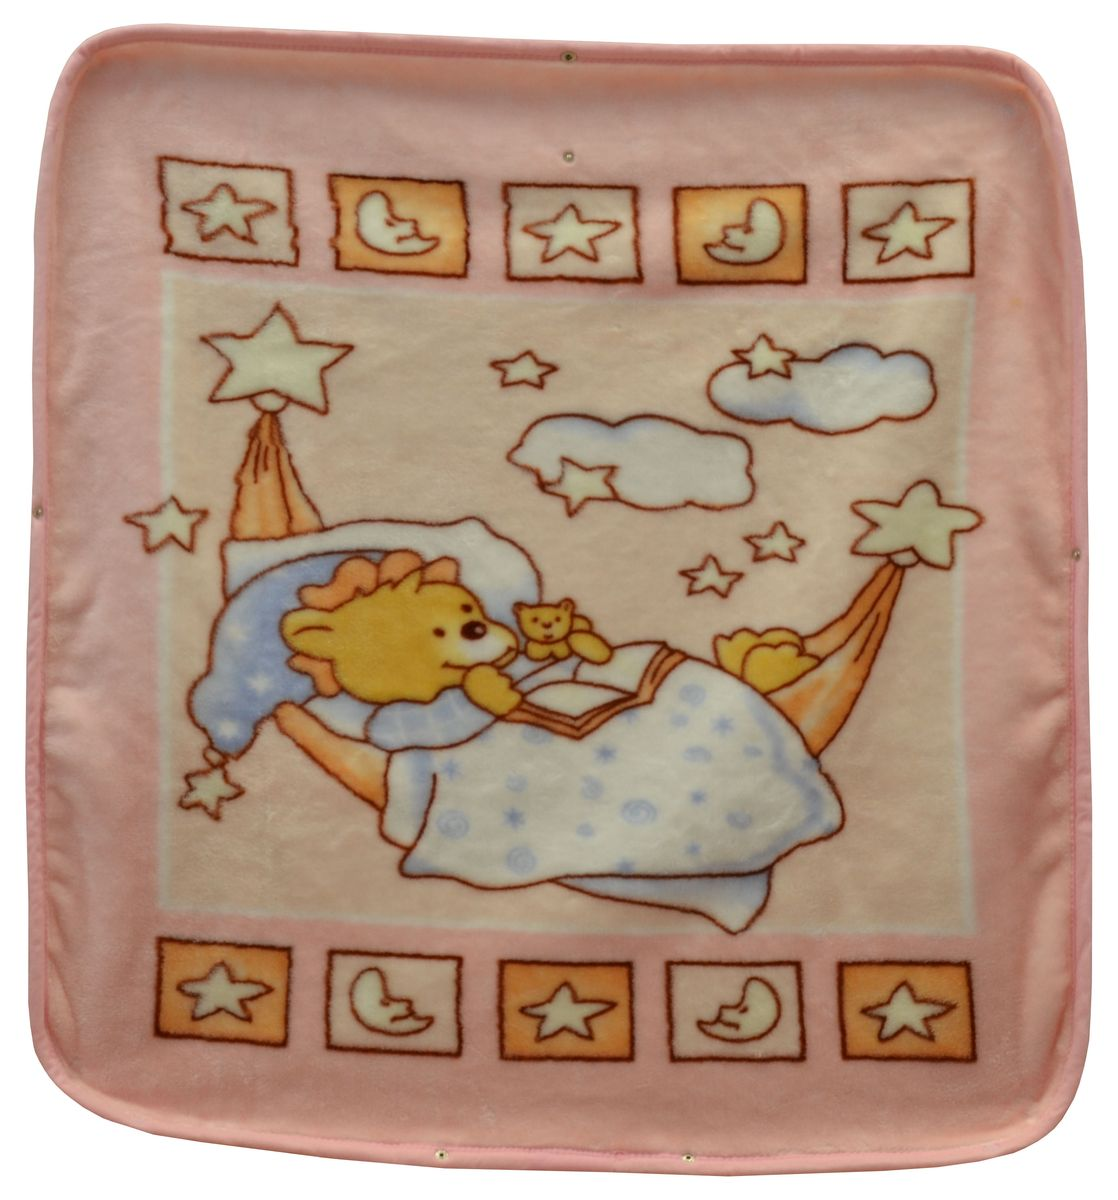 Bonne Fee Плед-накидка для младенцев на молнии 1, 80 х 90 см, цвет: розовый4691391300099Плед-накидка для младенцев на молнии Bonne Fee - защита, тепло и комфорт для малышей - использован надёжный, качественный и мягкий материал! Удобство и спокойствие для родителей обеспечивается универсальностью пледа-накидки, конструкция которого позволяет ему легко превращаться в конвертик. Отличное качество и практичность! Любите своего ребёнка и дарите ему лучшее!